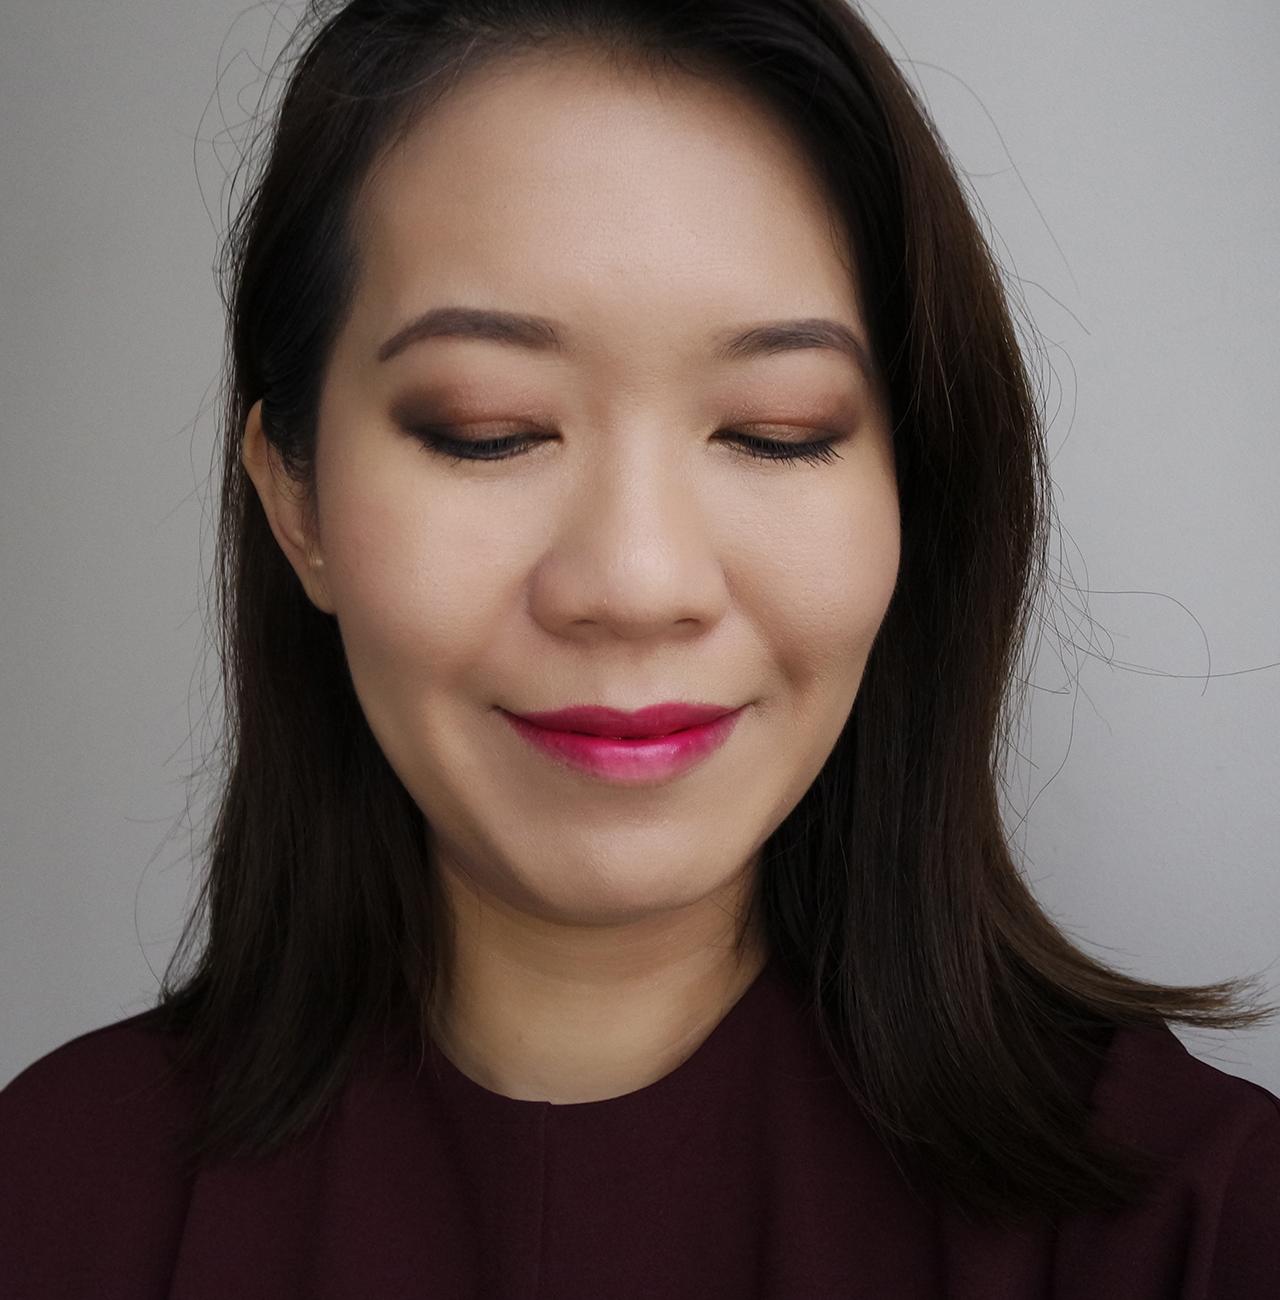 Tom Ford Winter Soleil 2018 Eye & Cheek Palette makeup look